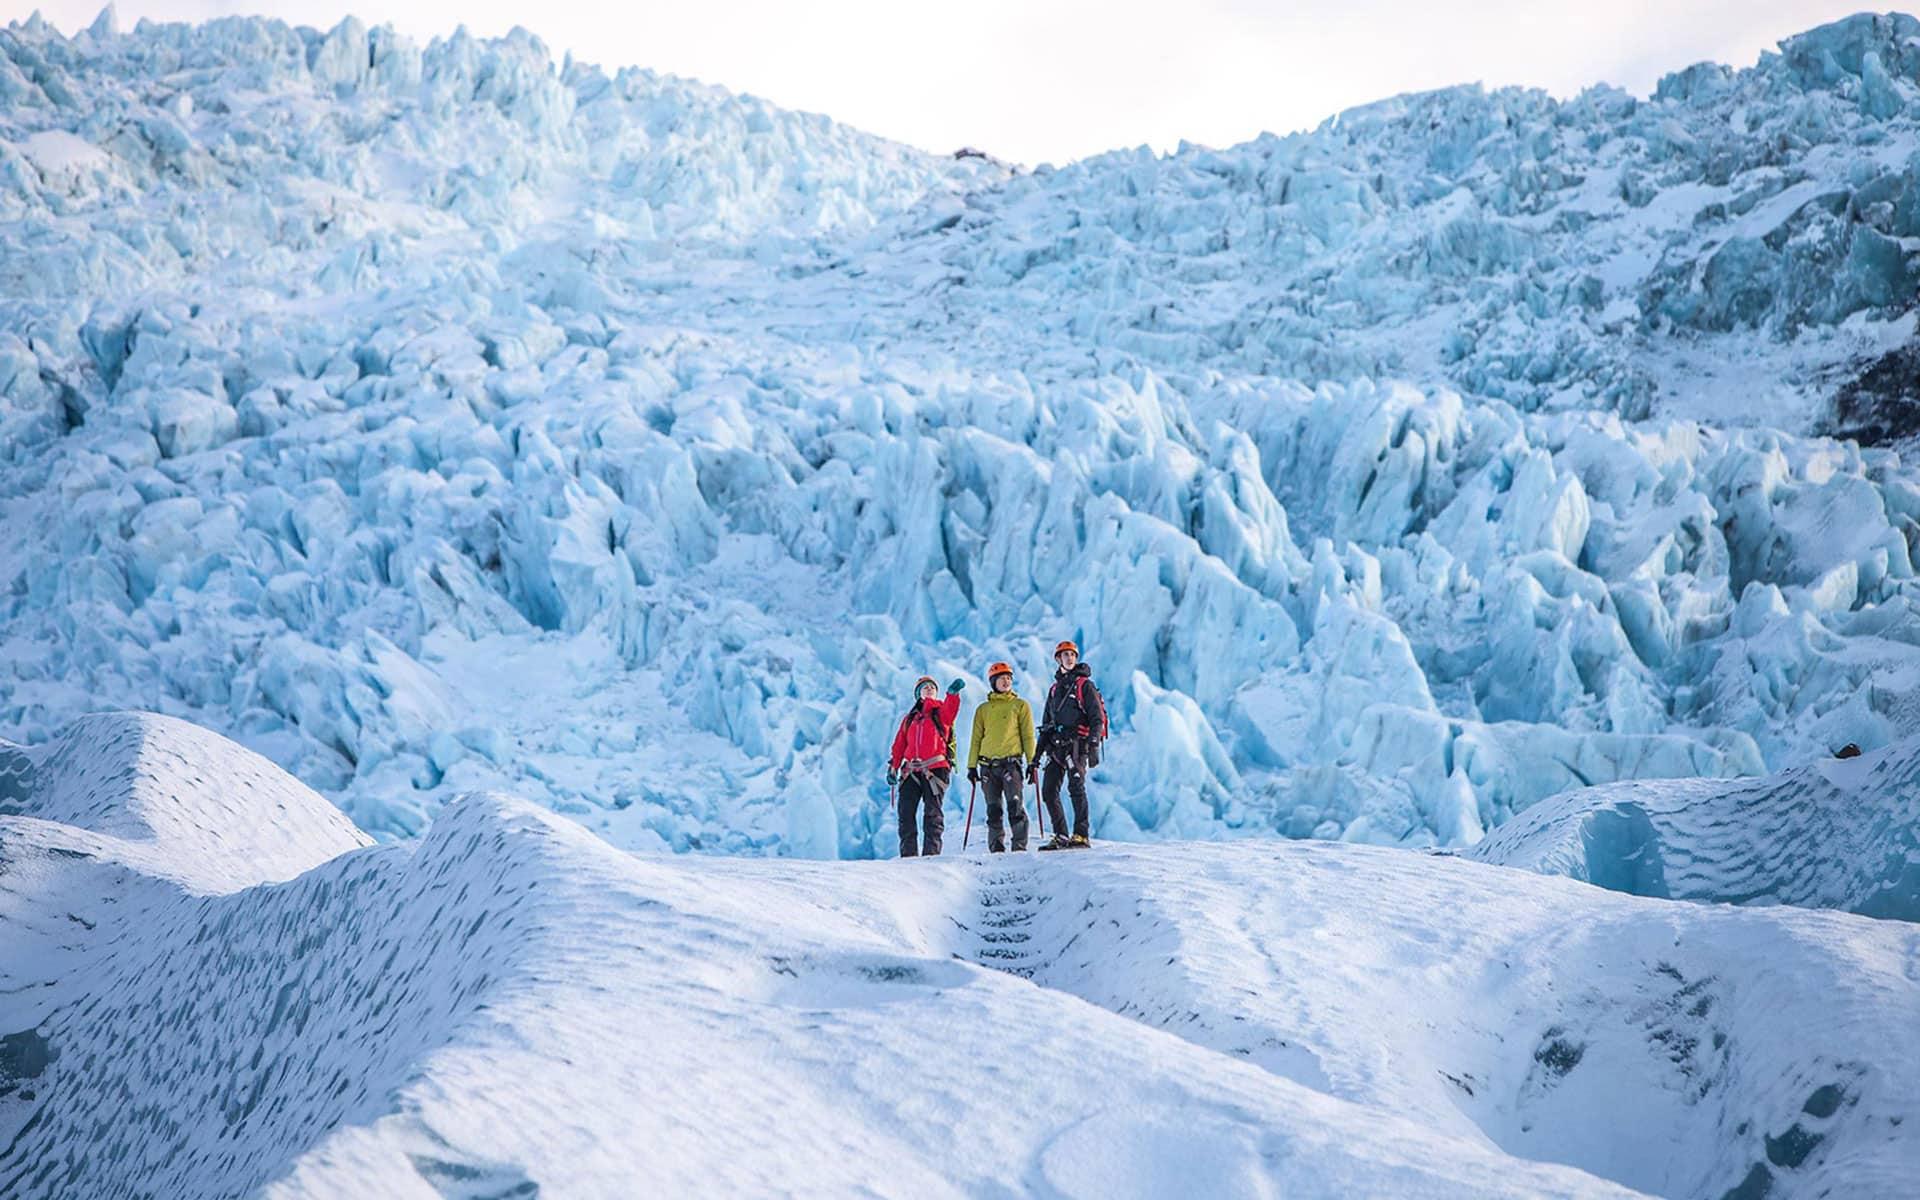 Glacier Adventure in Iceland